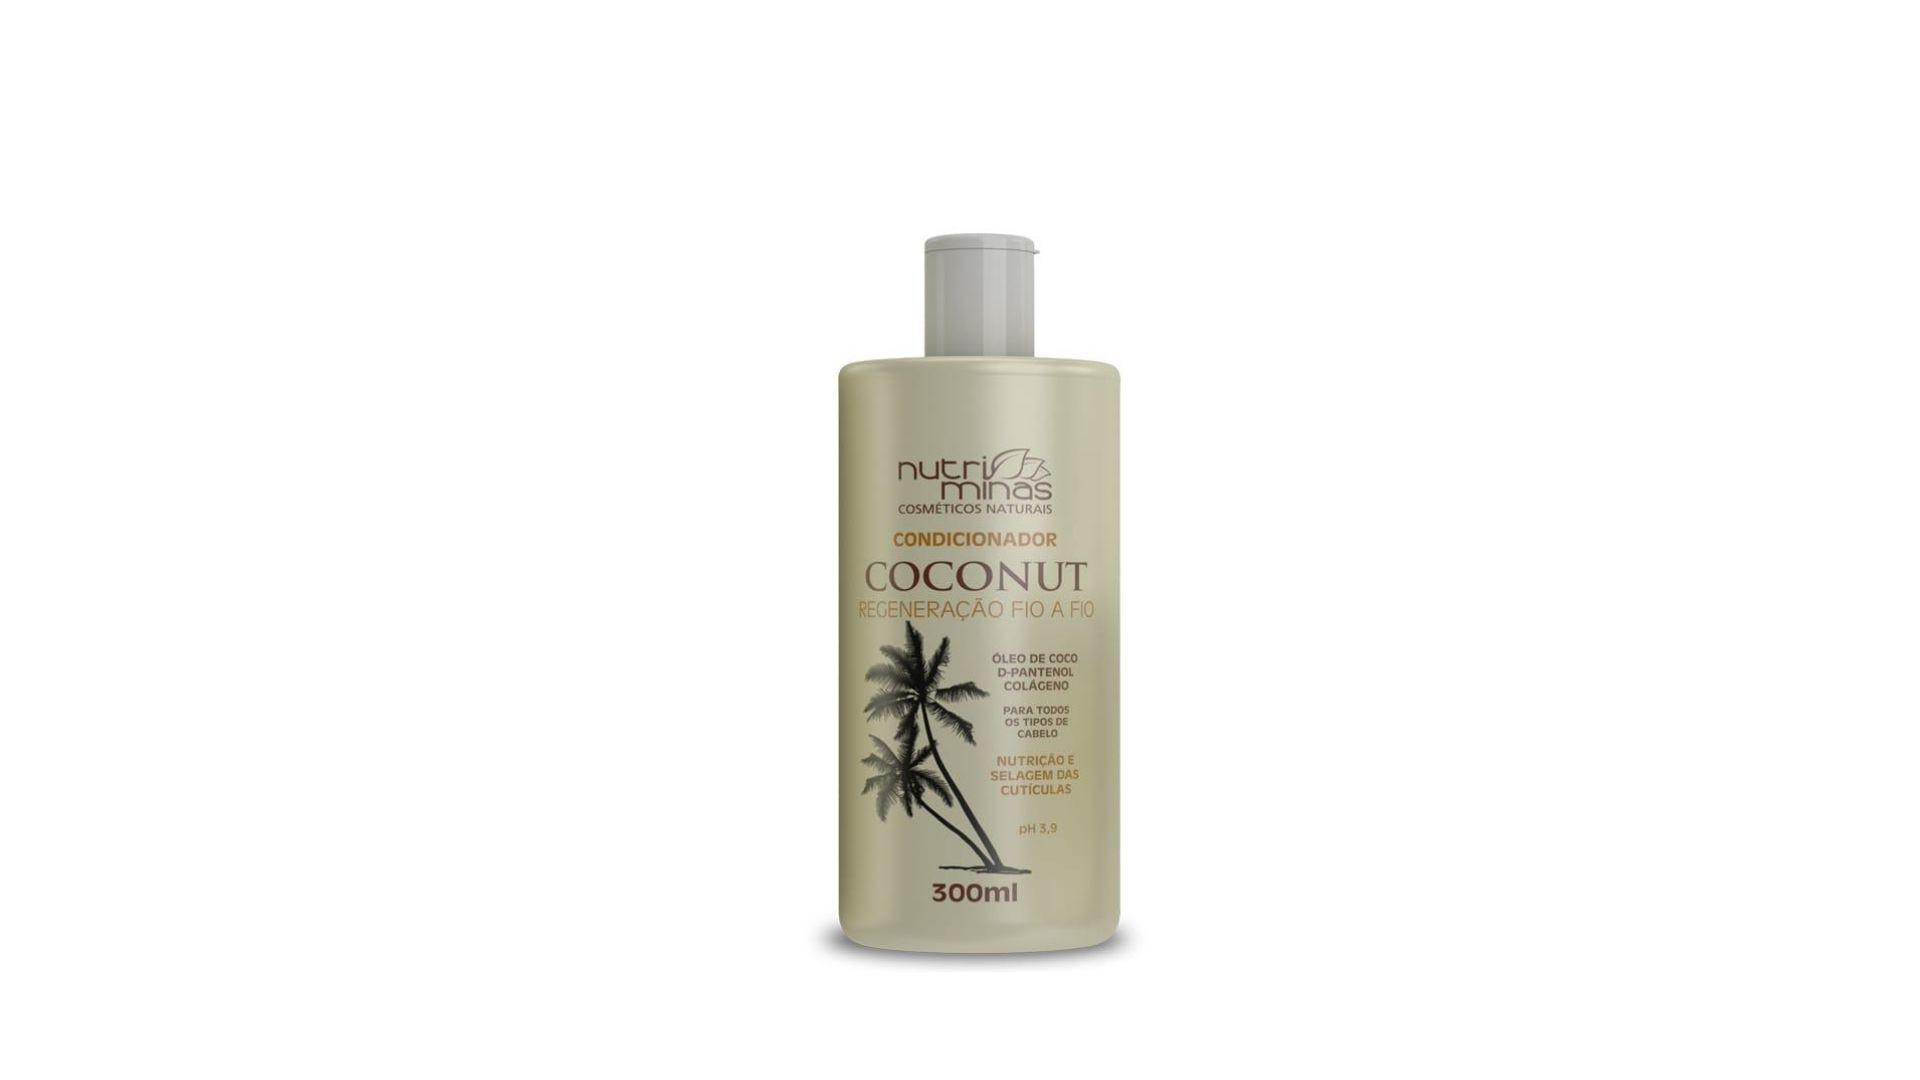 Condicionador coconut nutri minas 300ml